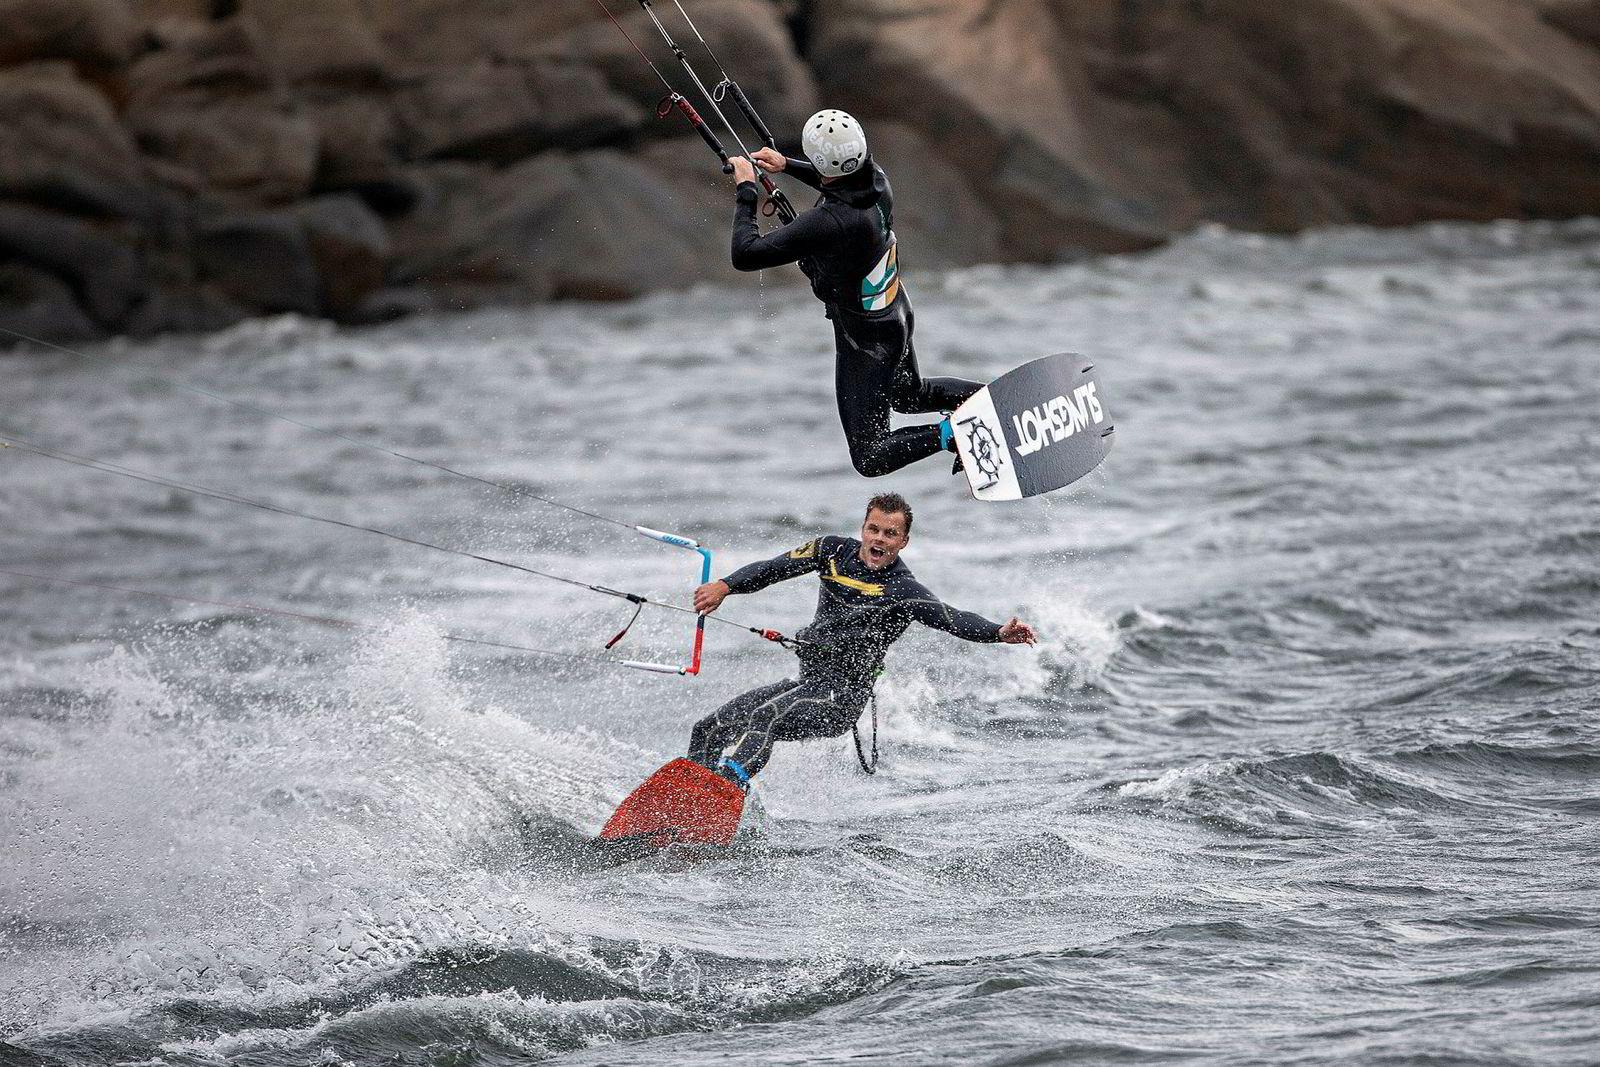 Blaze Coles hopper over linene som går mellom selen og kiten til Preben Rakfjord. Det er stabile forhold for å dra på med triks som krever timing.